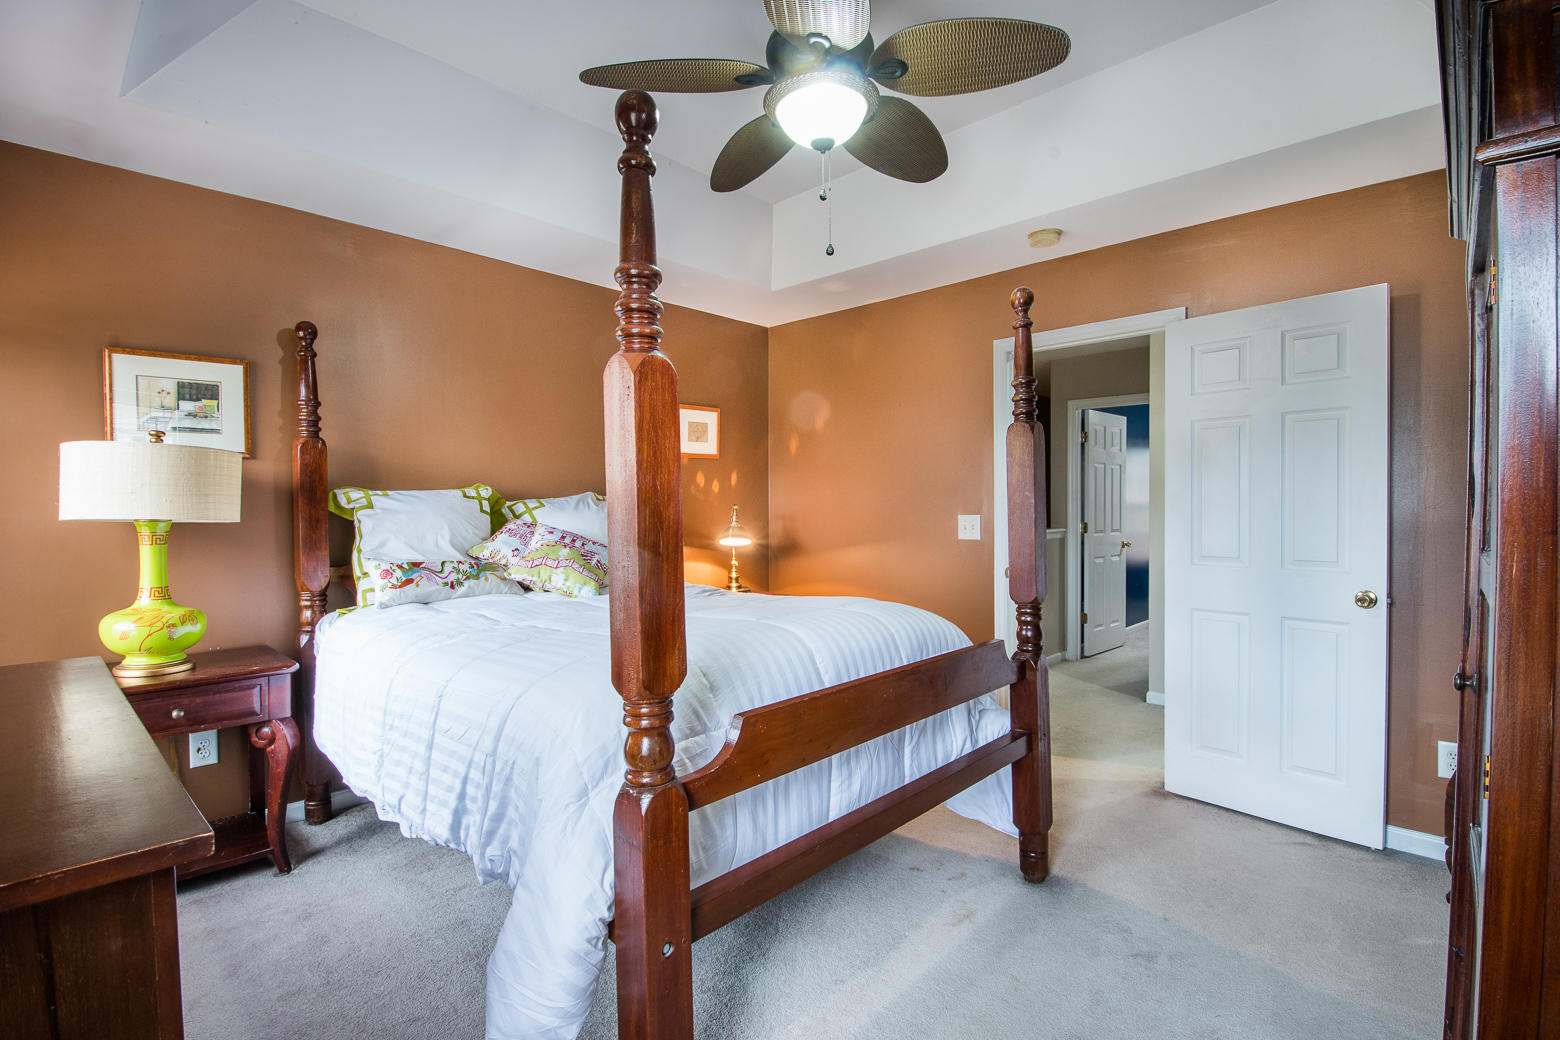 Jamestowne Village Homes For Sale - 1445 Swamp Fox, Charleston, SC - 20